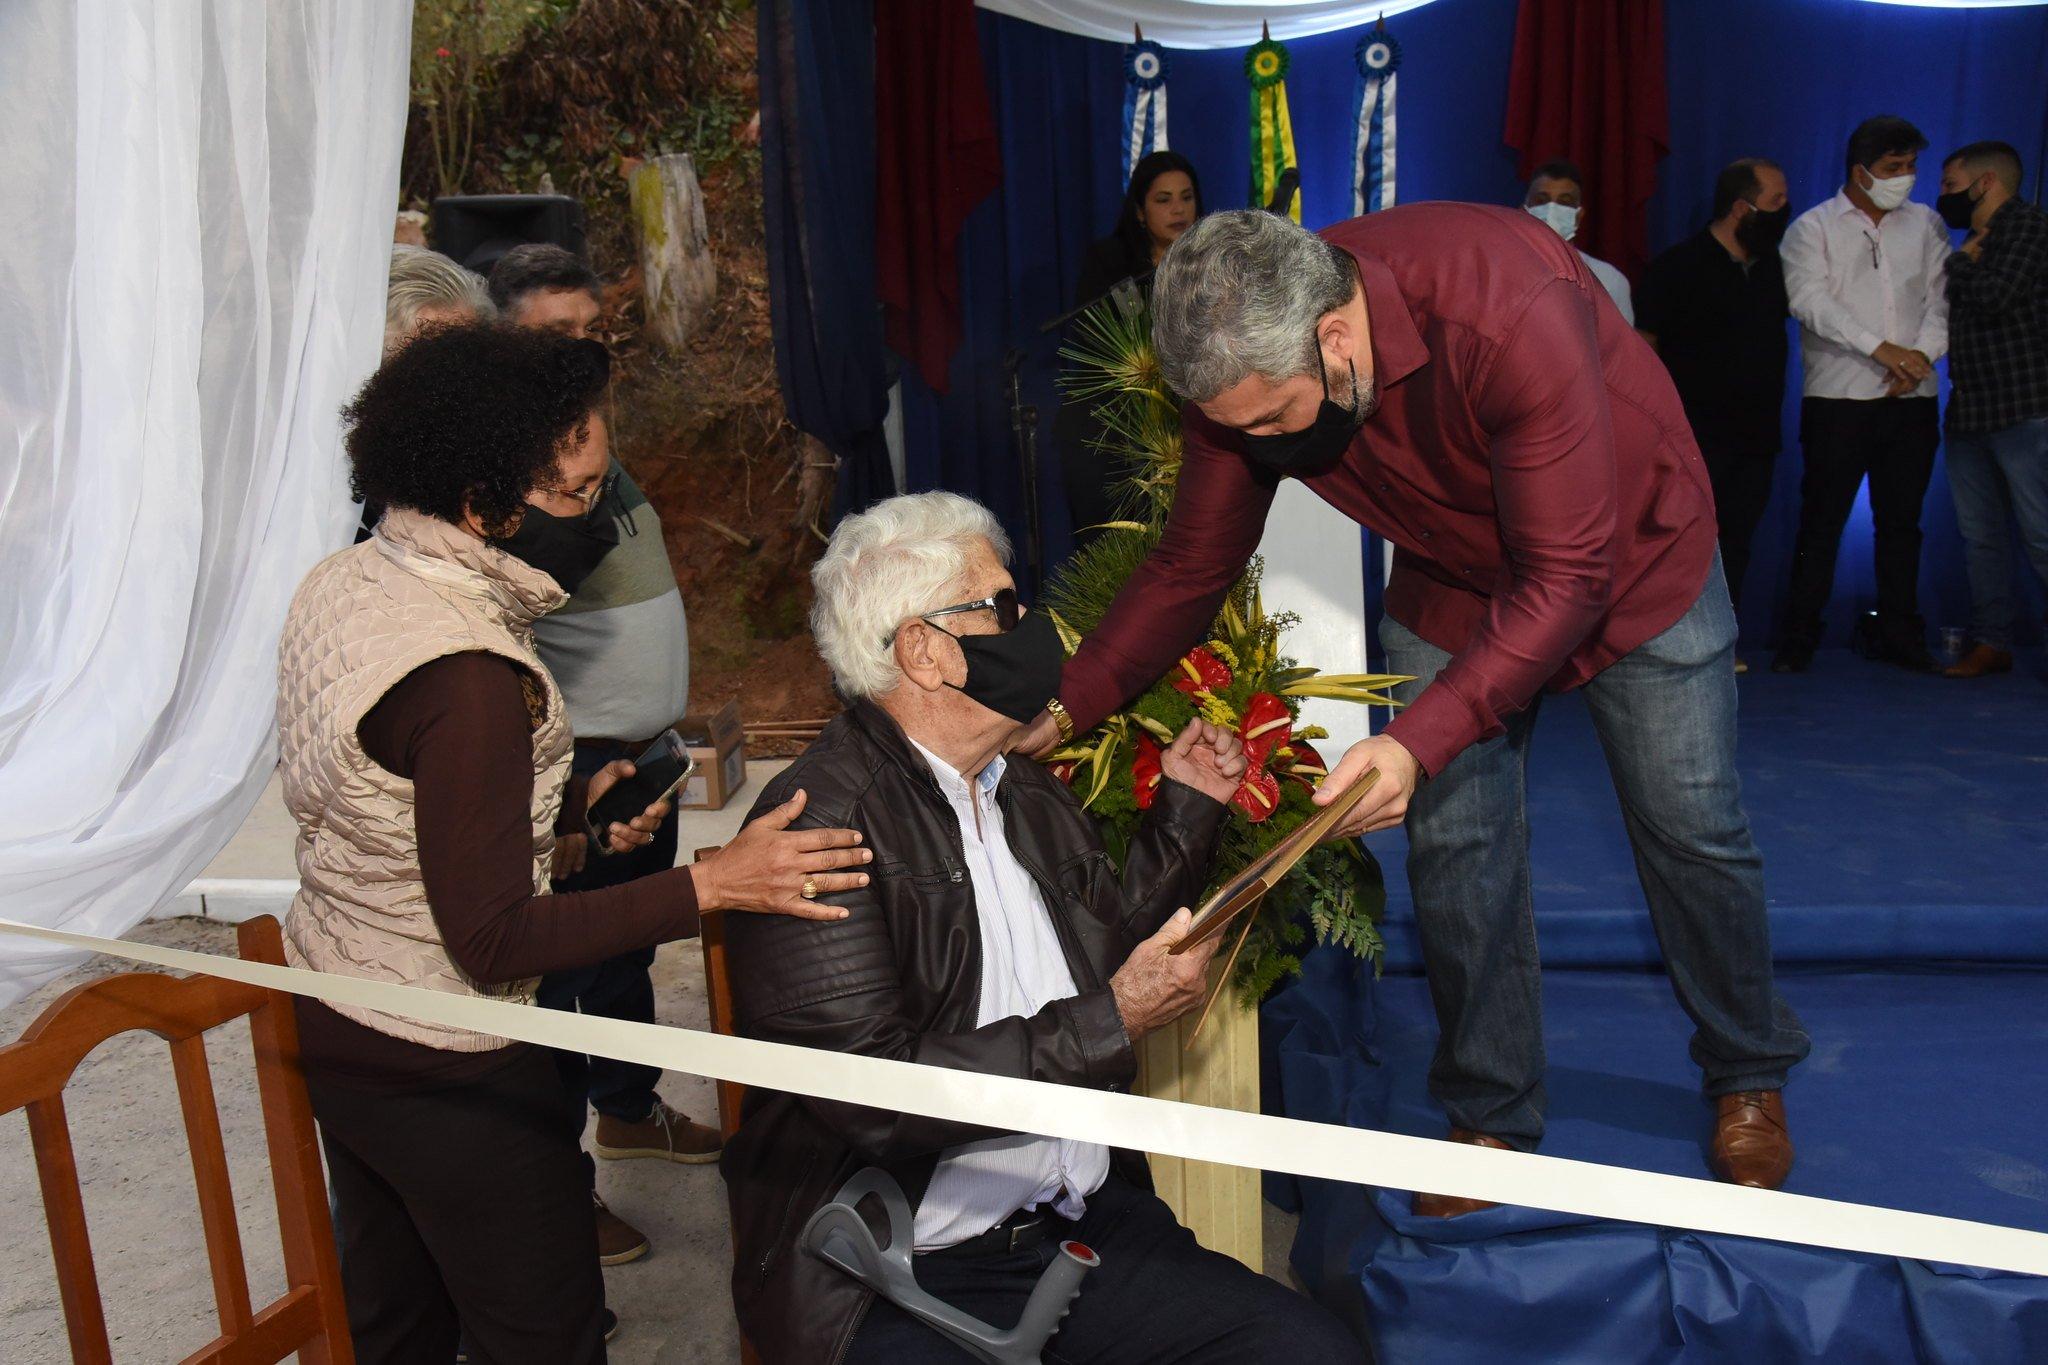 familiares do Cel. Regino Monnerat, o neto Rubens Monnerat e os bisnetos, Marco Antônio e Luiz Antônio Monnerat, receberam uma singela homenagem do prefeito